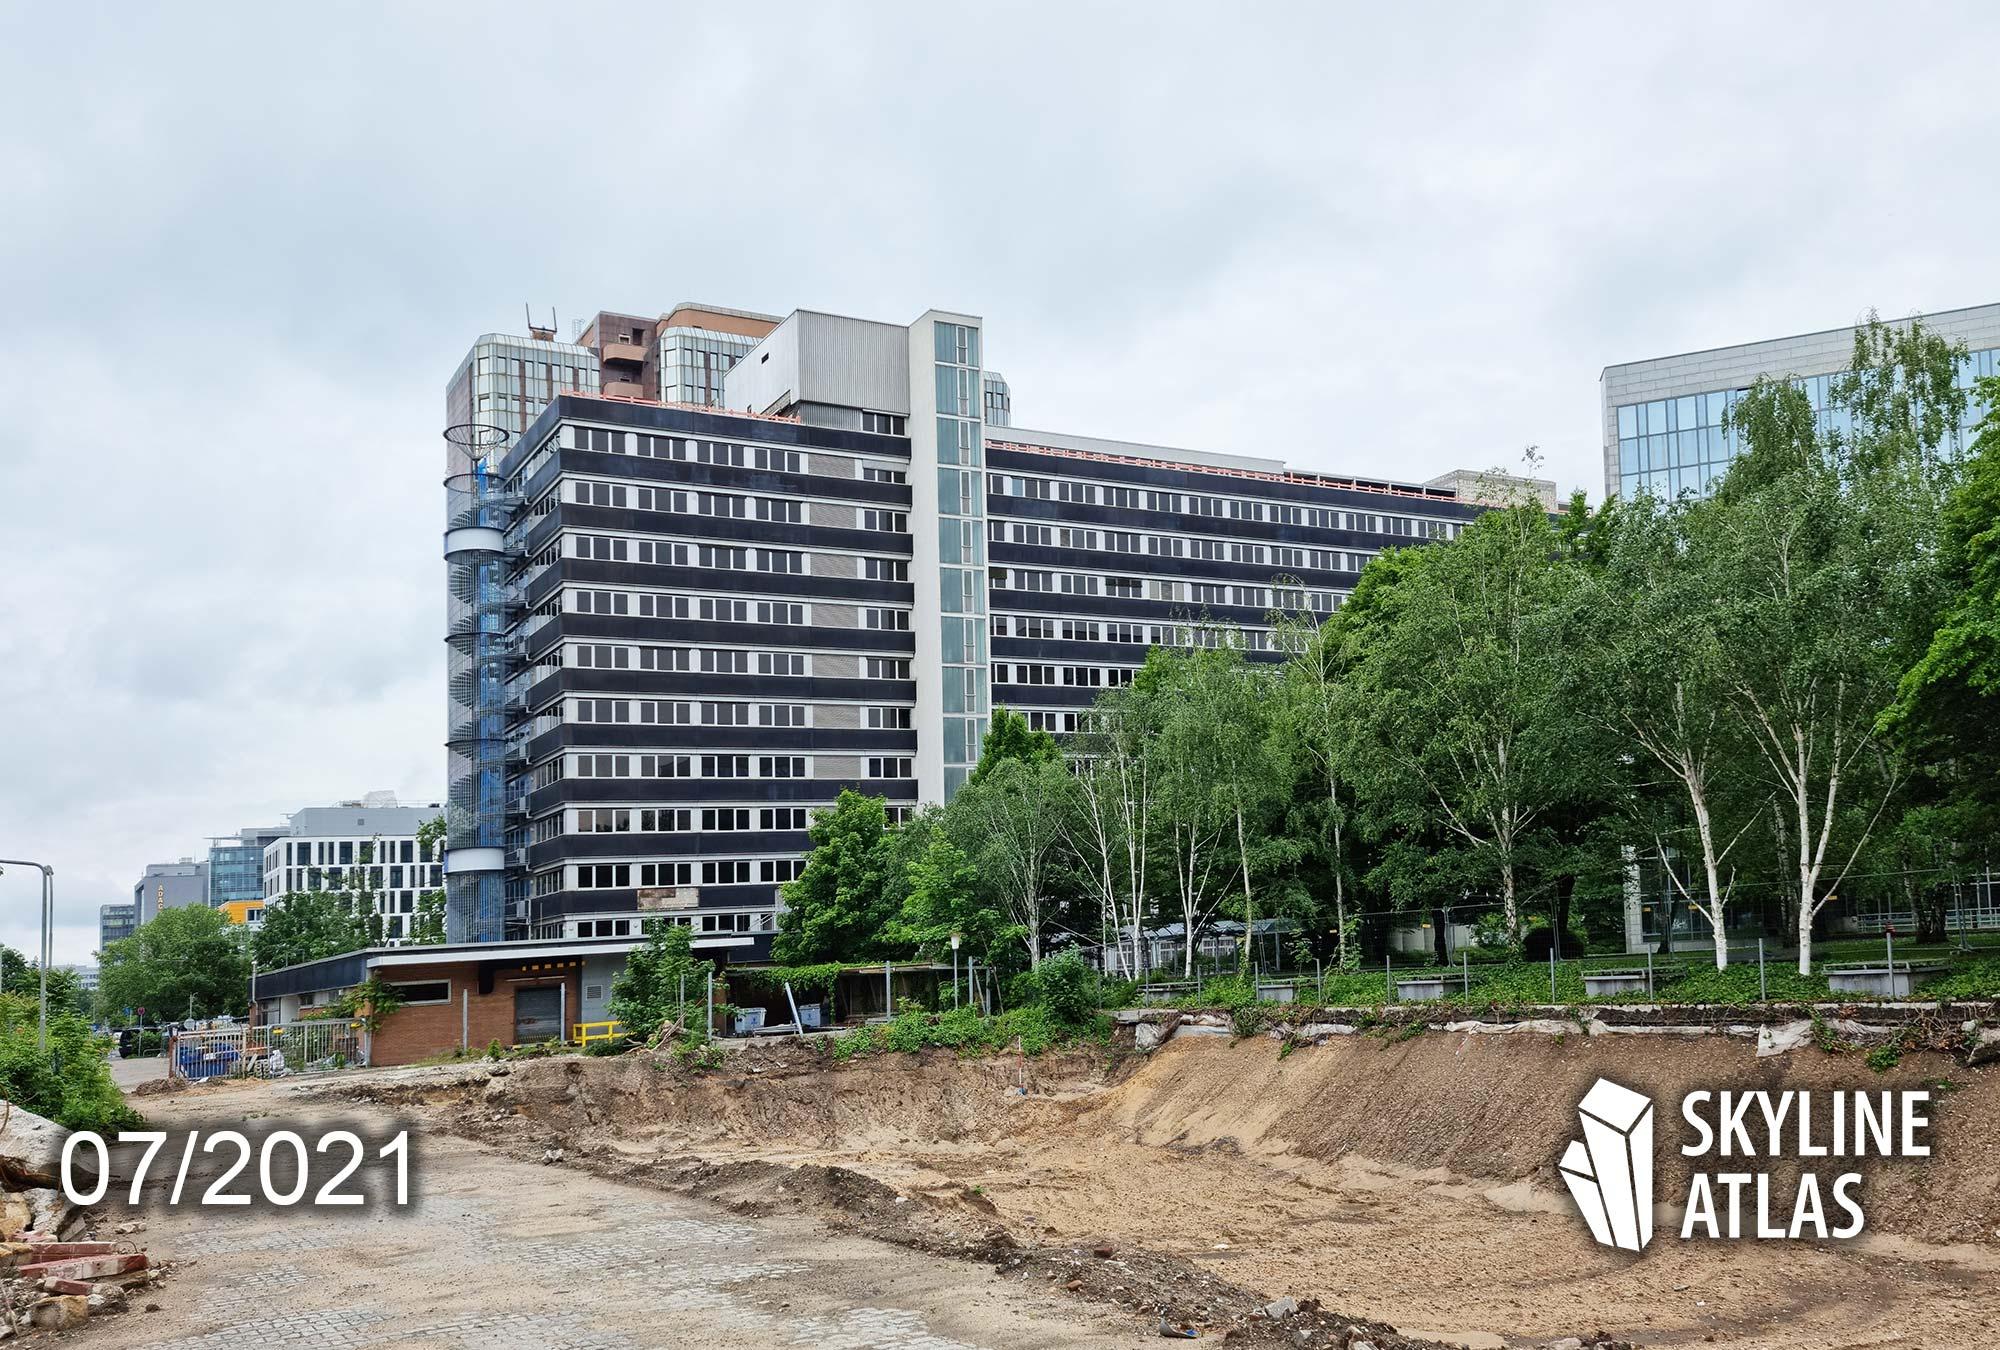 Livinit Frankfurt - Lyoner Quartier Wohnungen - Neubau Wohnungen FFM - Juli 2021